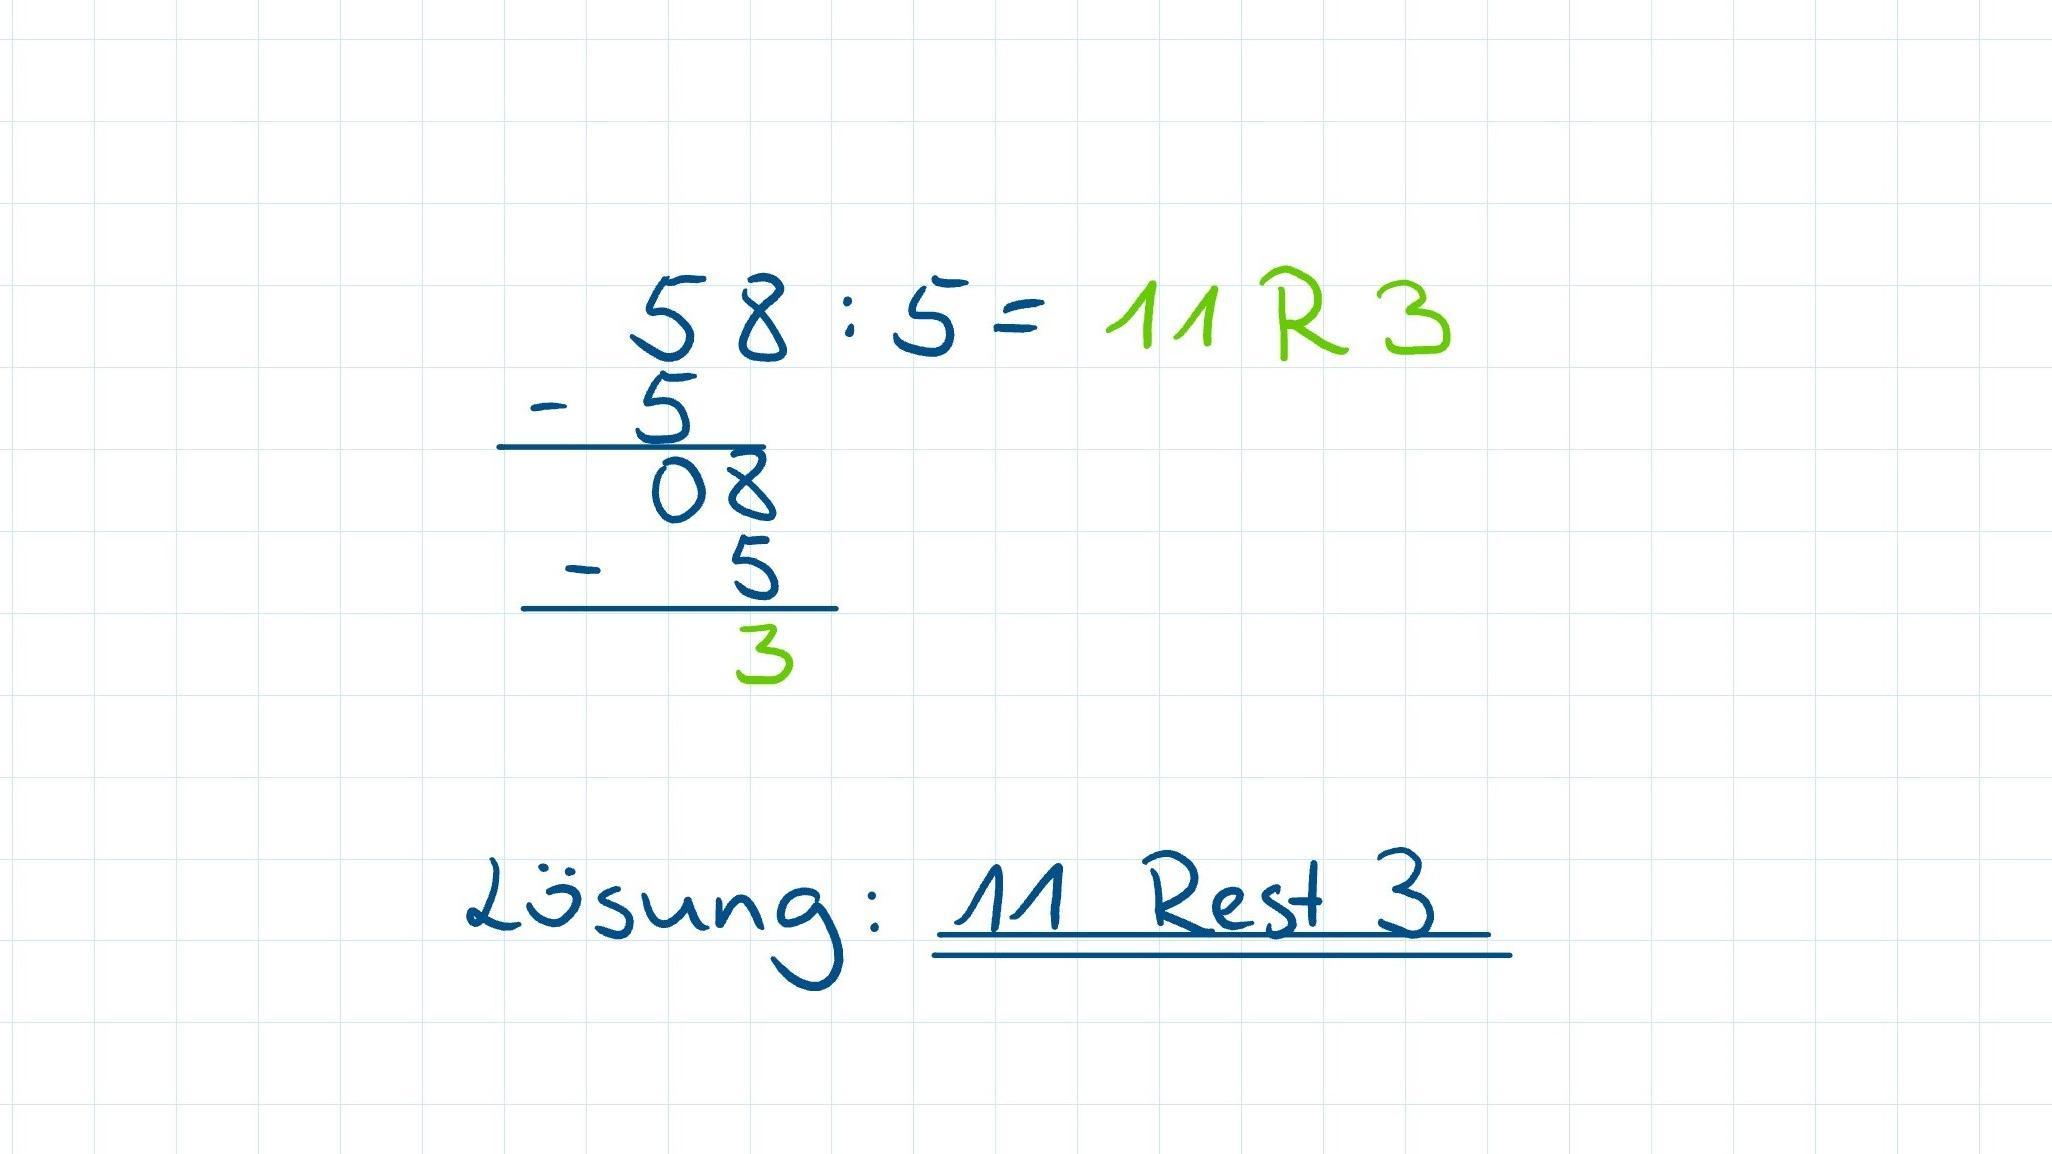 Beispielaufgabe für schriftliches Dividieren mit Rest.